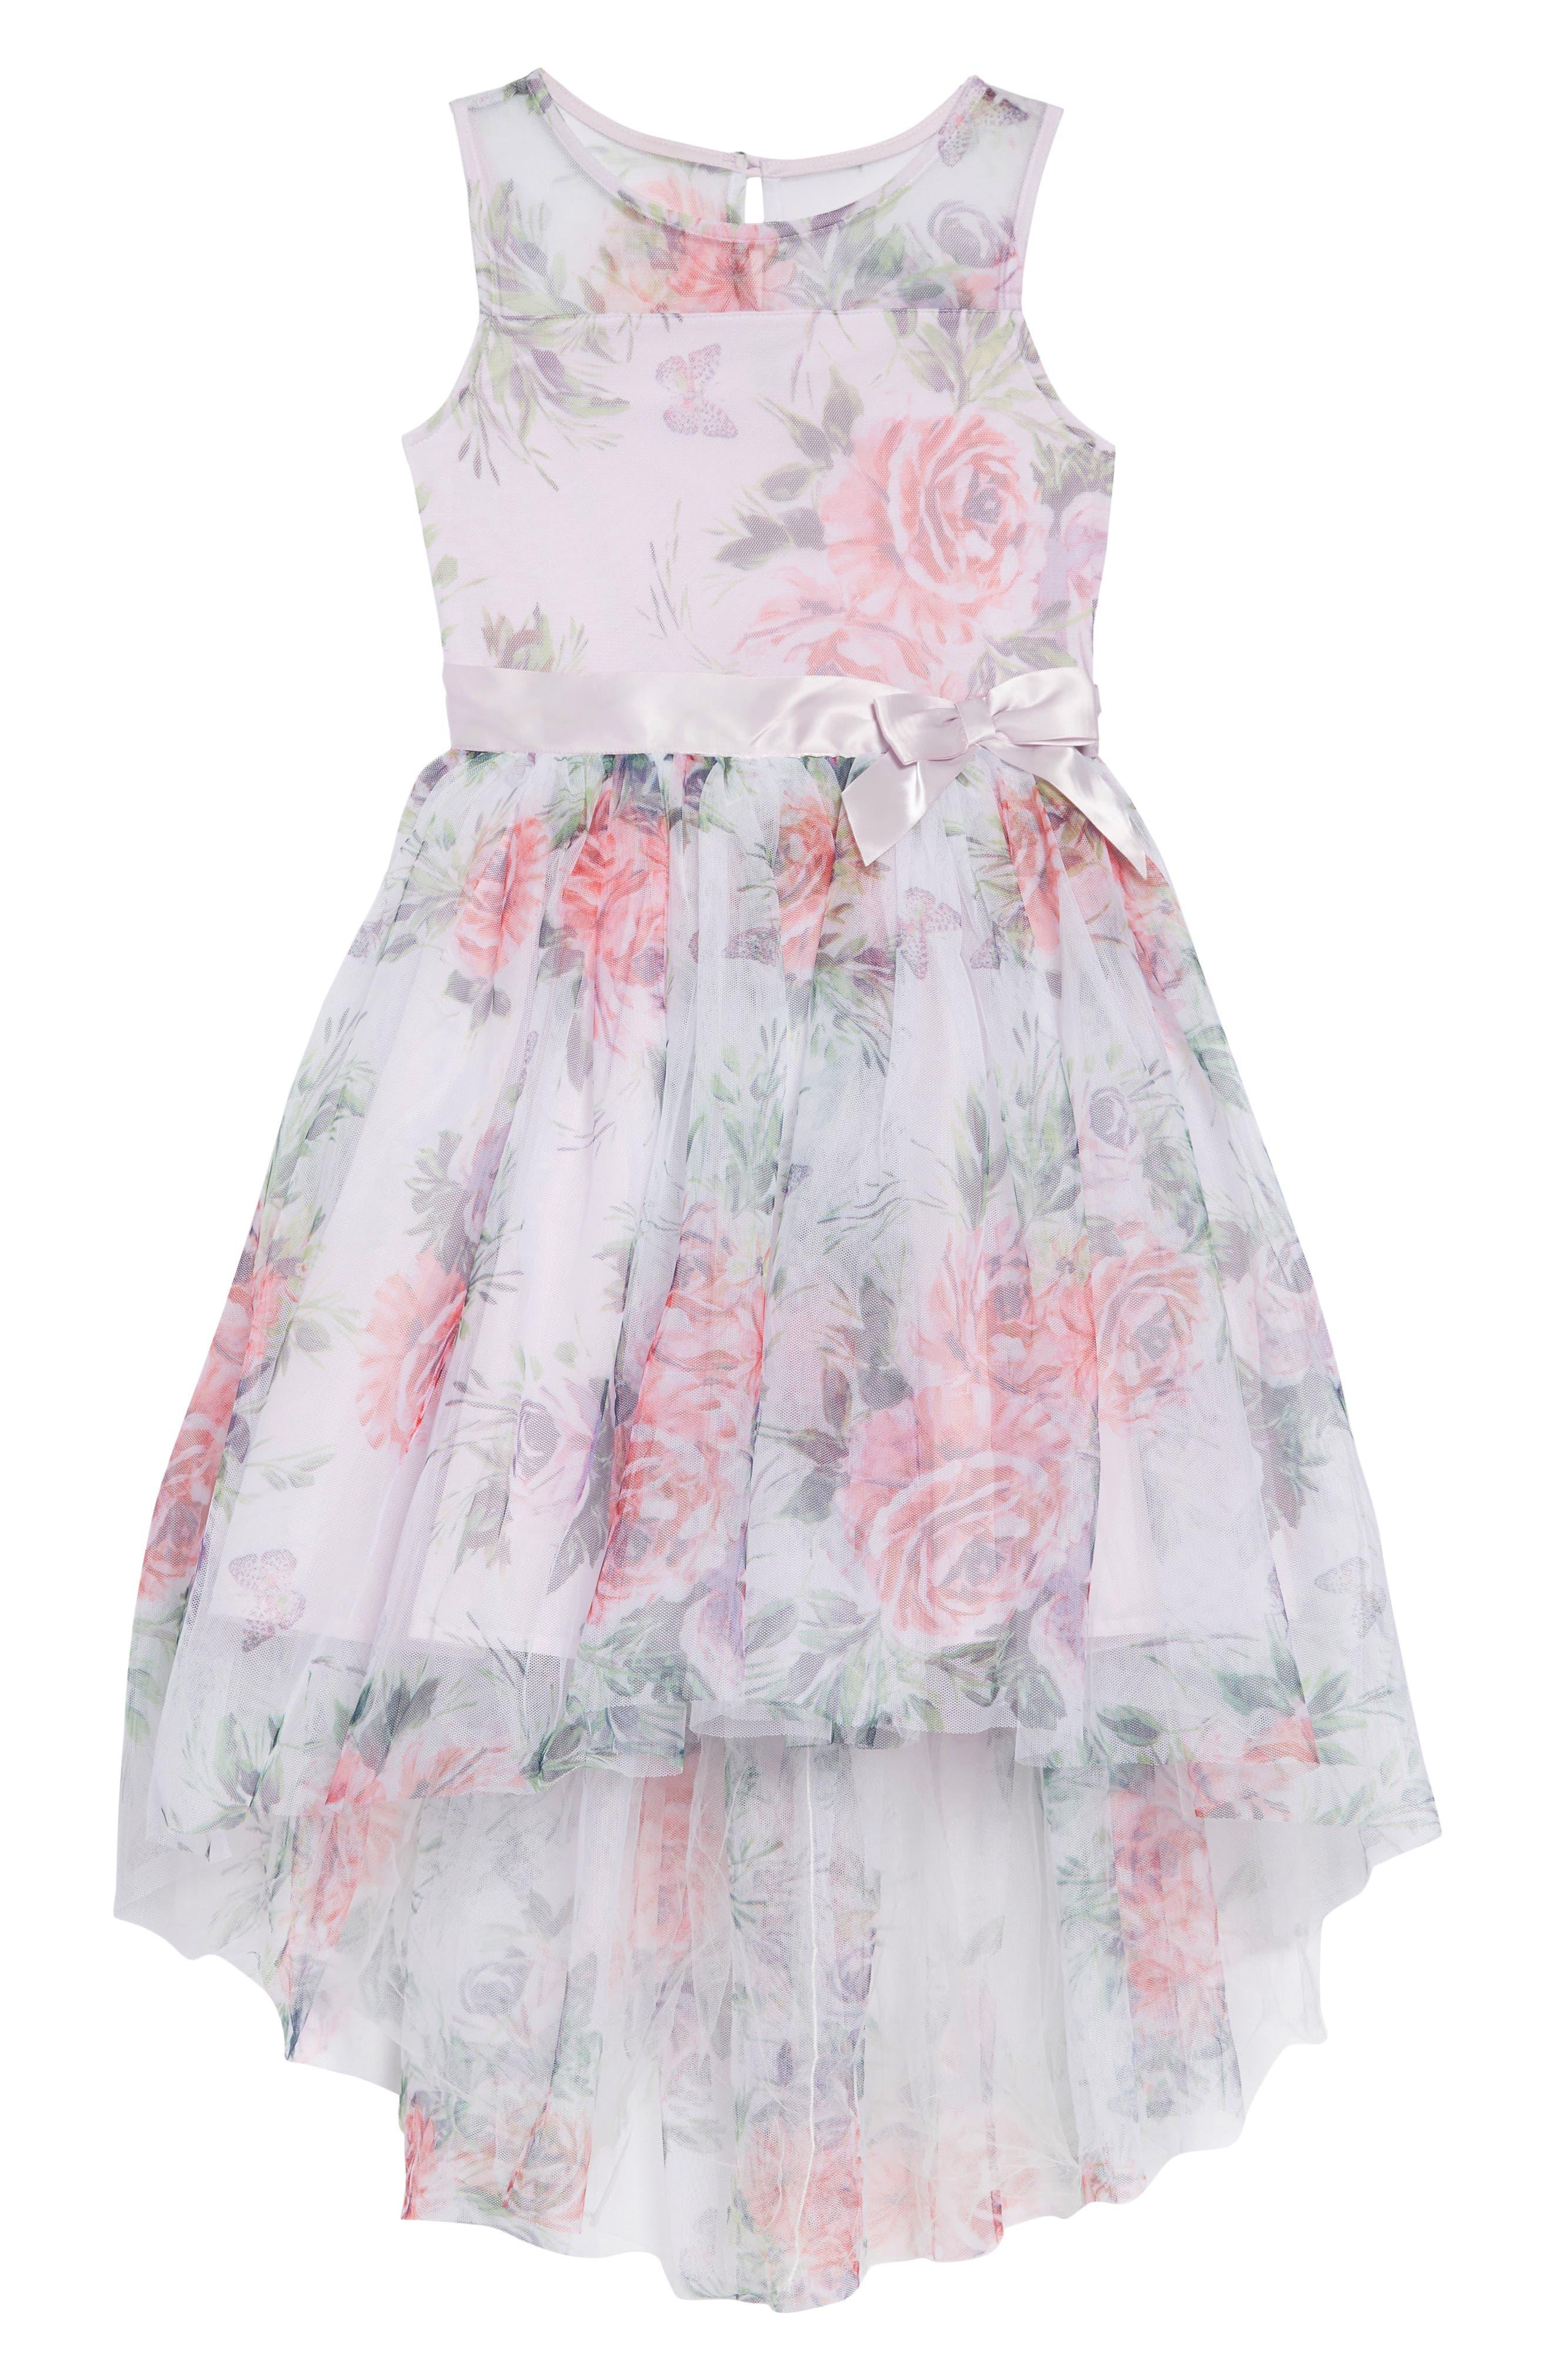 ZUNIE Floral Print Dress, Main, color, LAVENDER FLORAL